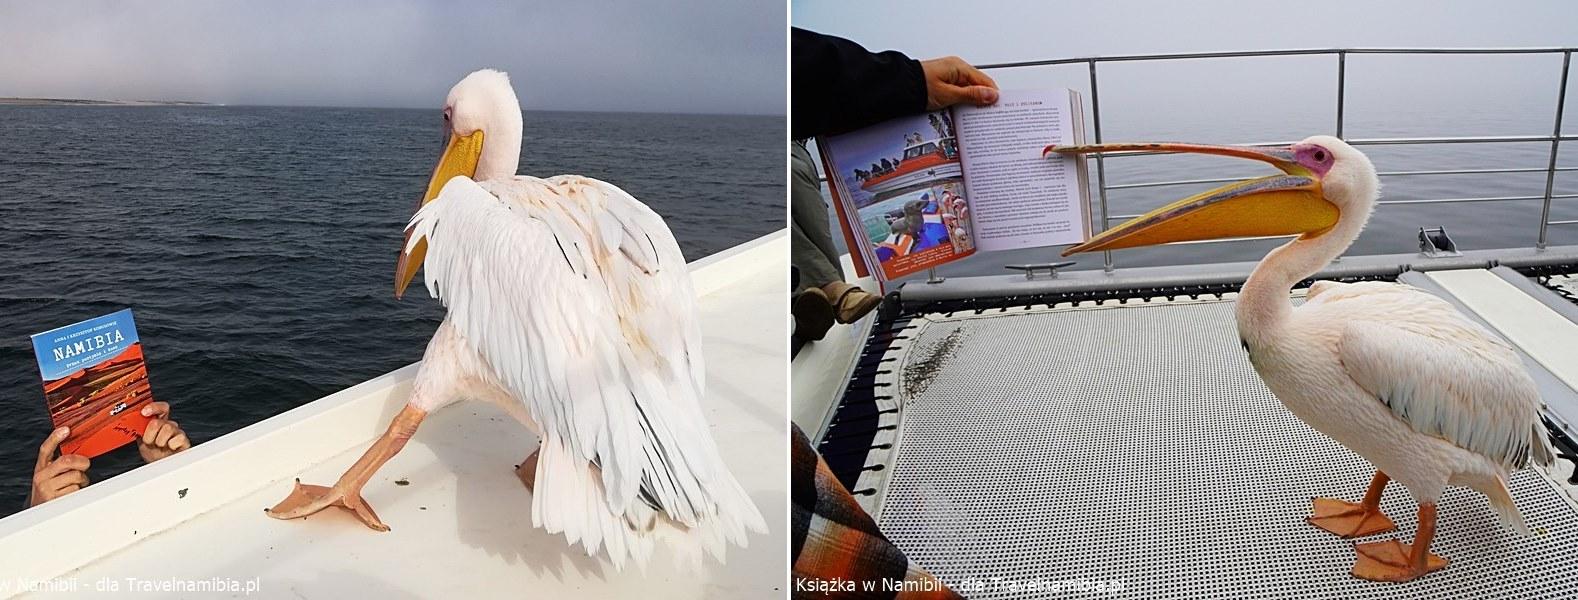 Jeden pelikan z nieśmiałością, drugi ma apetyt na czytanie!